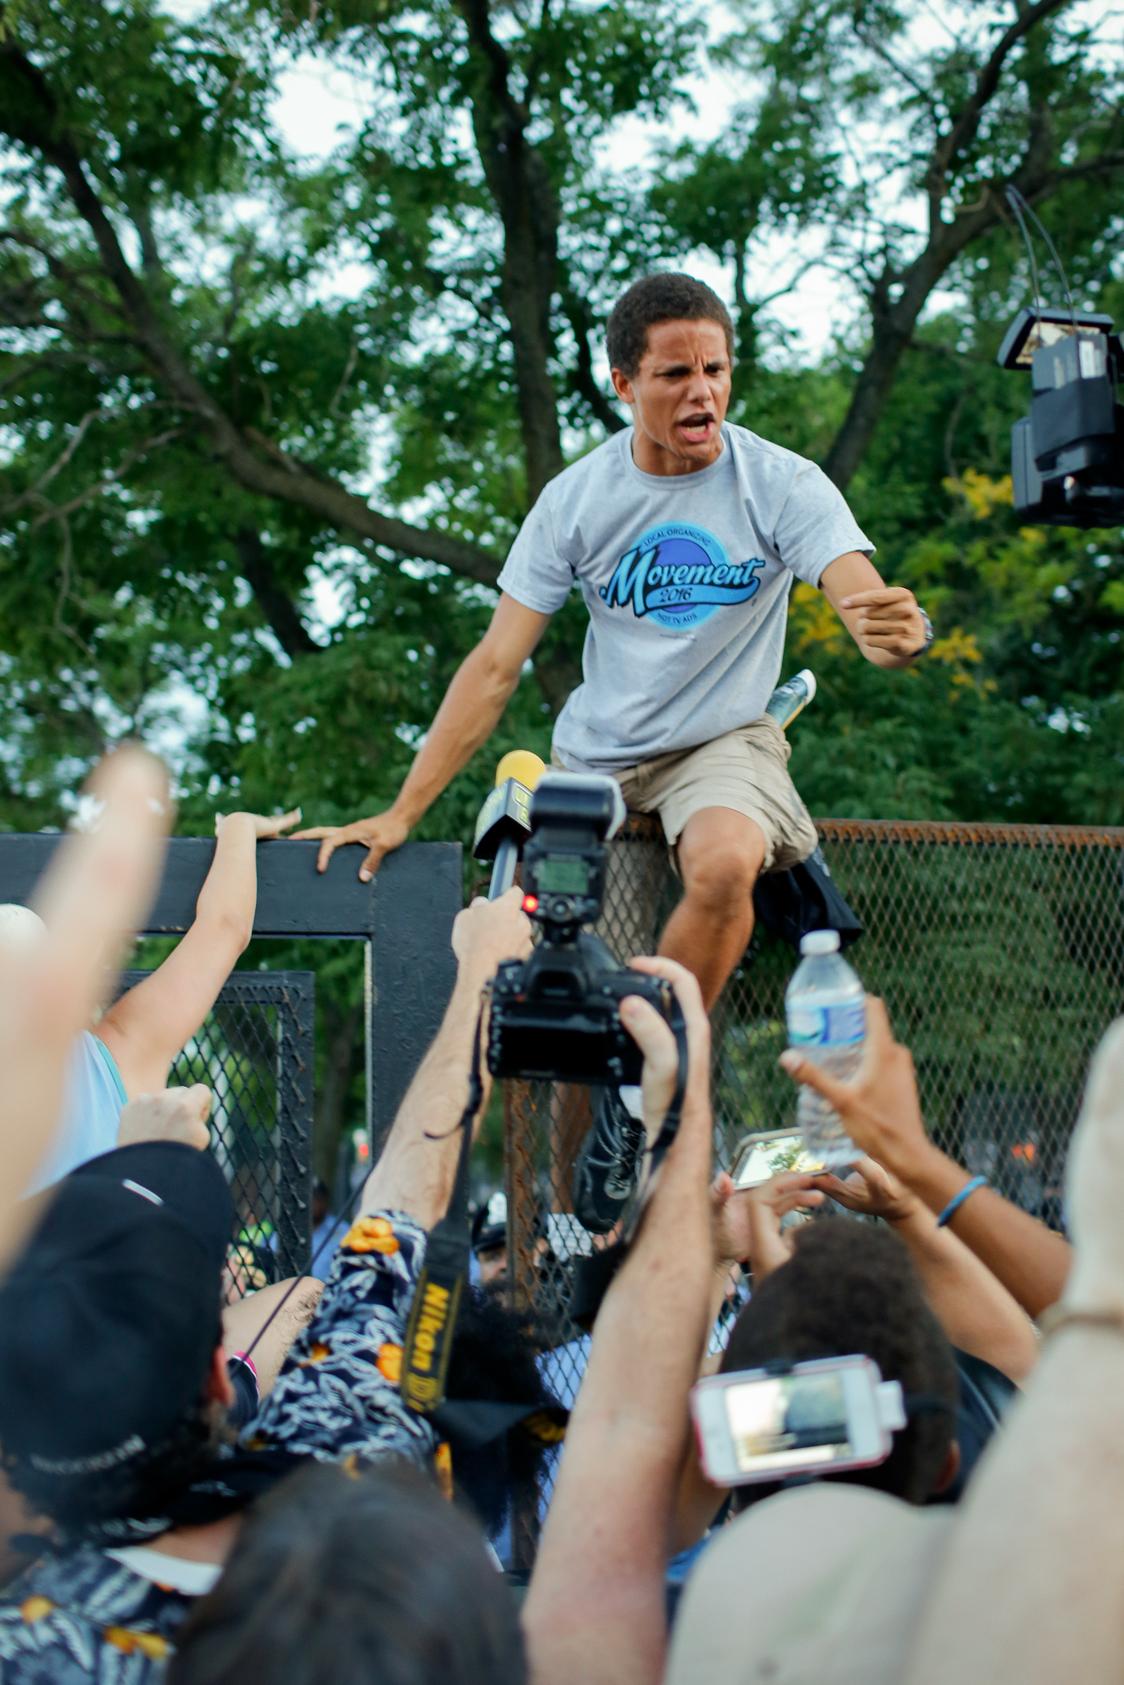 Demonstrator Climbs Barricade at 2016 DNC